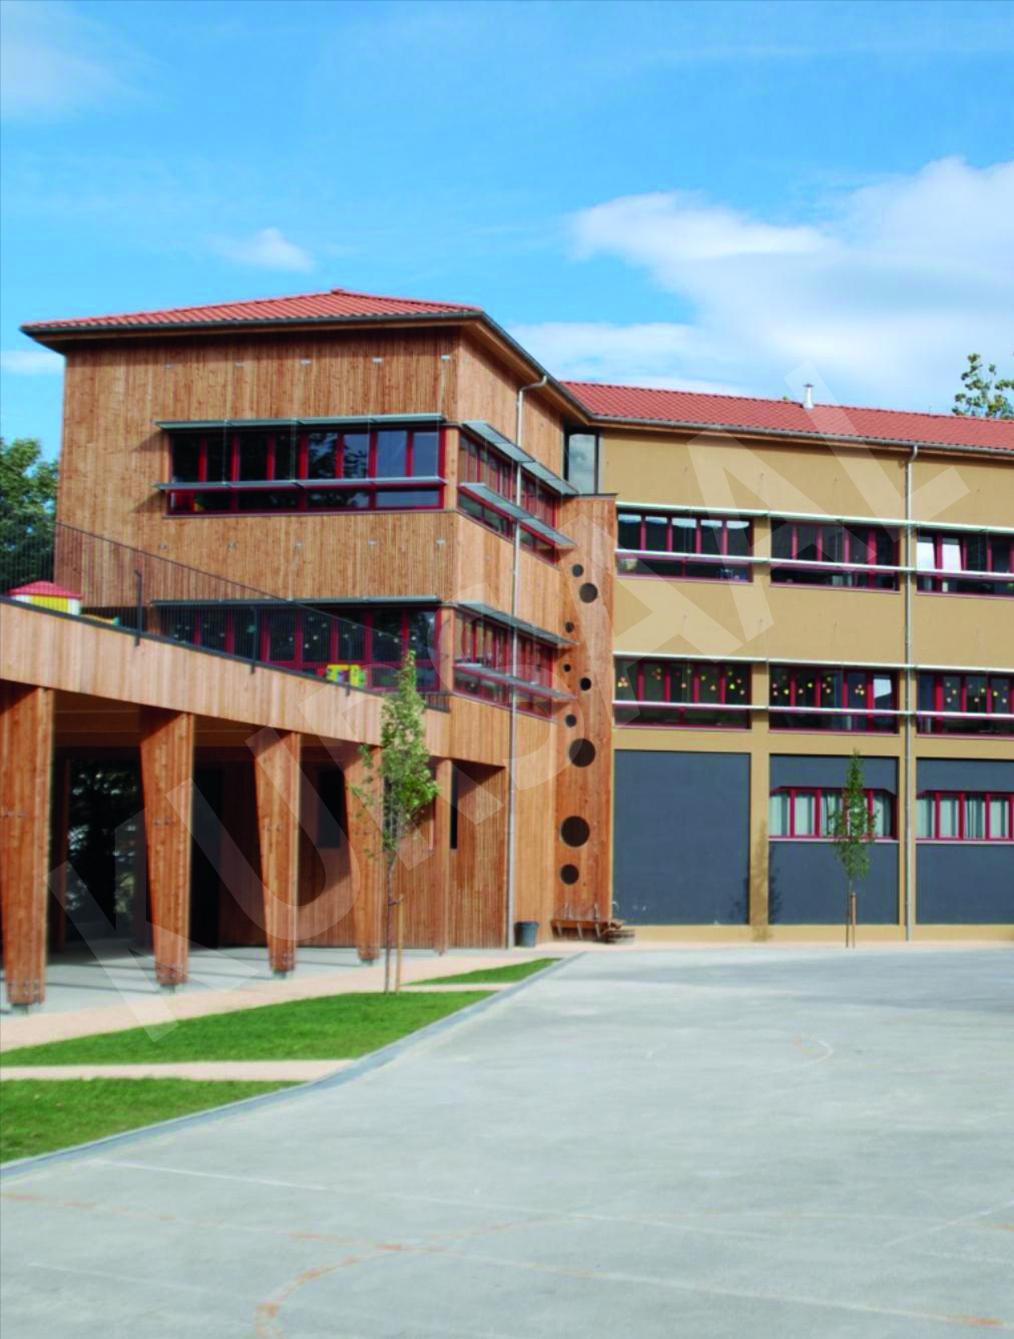 trabajo realizado en: Aislamientos Térmicos y Eficiencia Energética-SATE-TOLOSA-Ikastola Laskorain